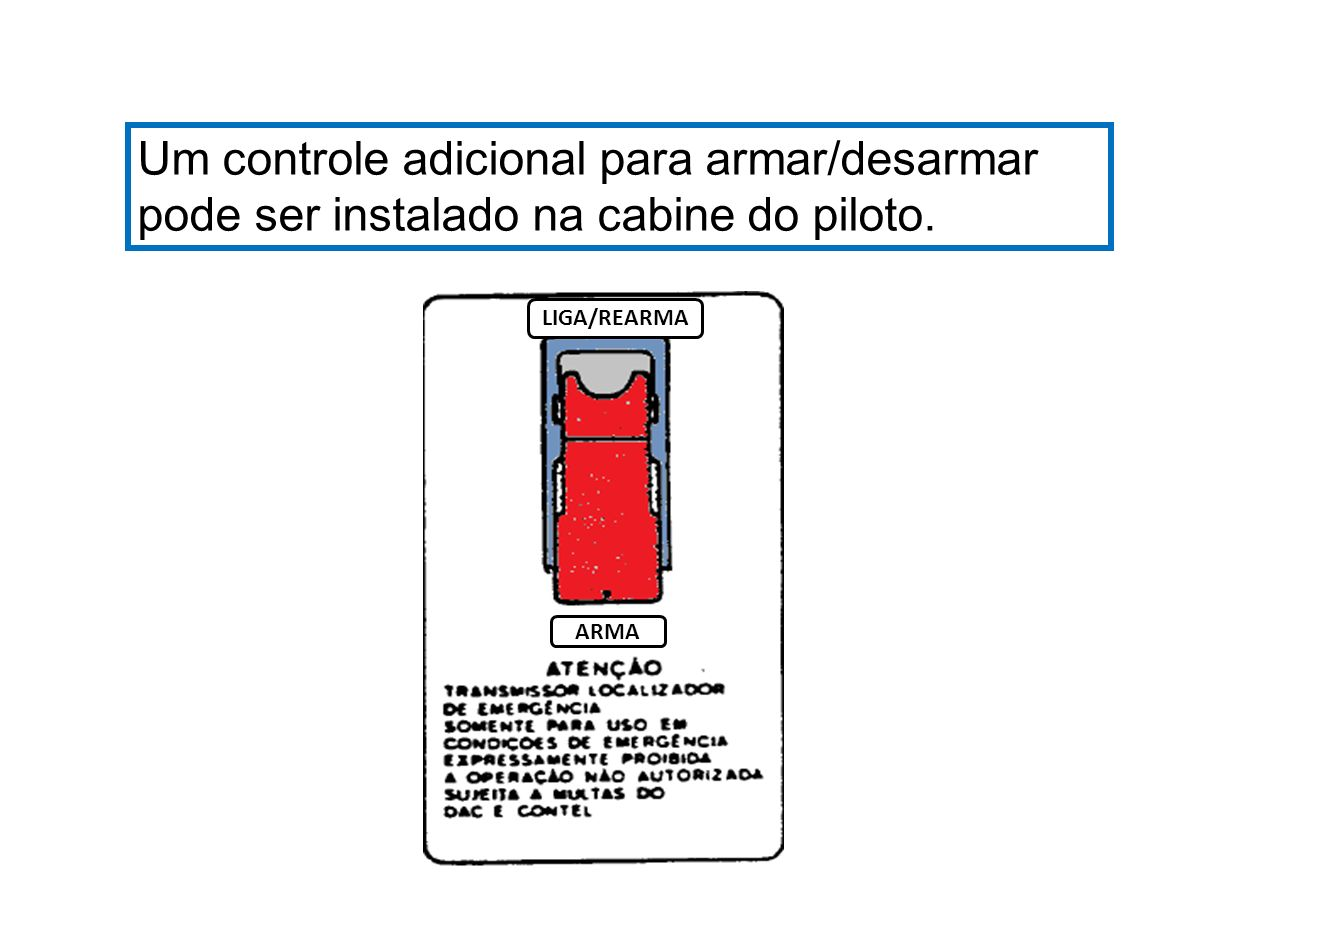 Um controle adicional para armar/desarmar